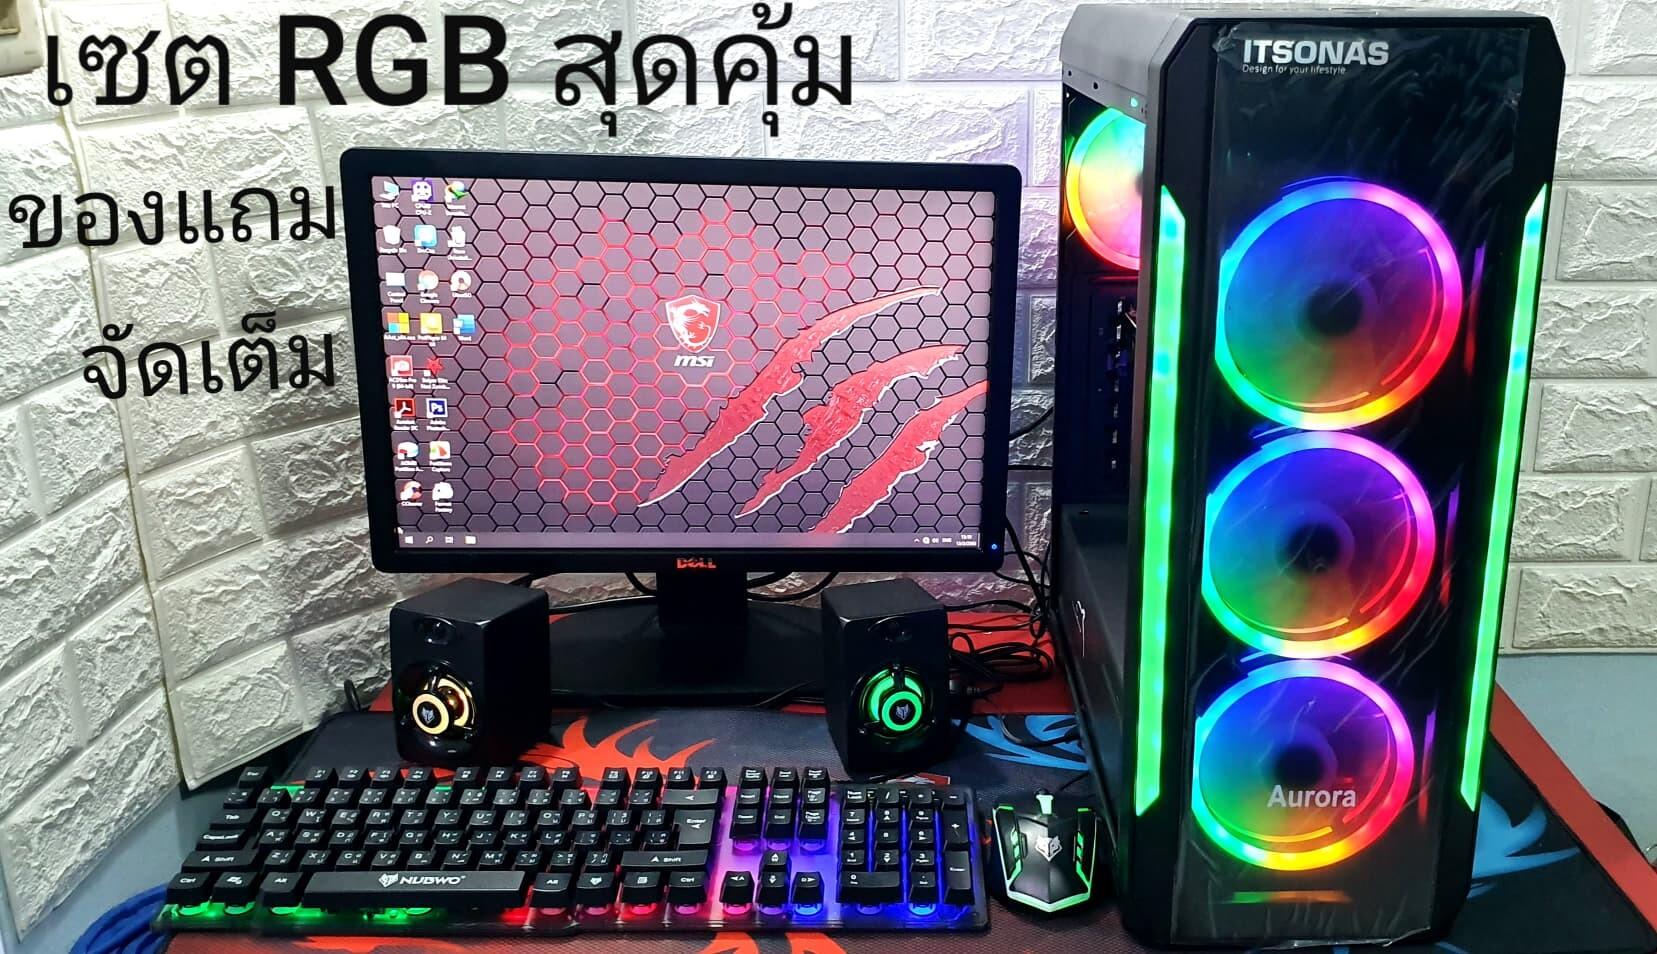 เซต Rgb ของแถมจัดเต็ม Core I5-2320/ Ram8gb / Vga Gtx1050ti 4gb / Ssd 240gb จอ 19- 20นิ้ว พร้อมเม้าส์คีย์บอดไฟ ลำโพง แผ่นรองเมาส์ แถมฟรีusb ตัวรับไวไฟ คอมพิวเตอร์ คอม.